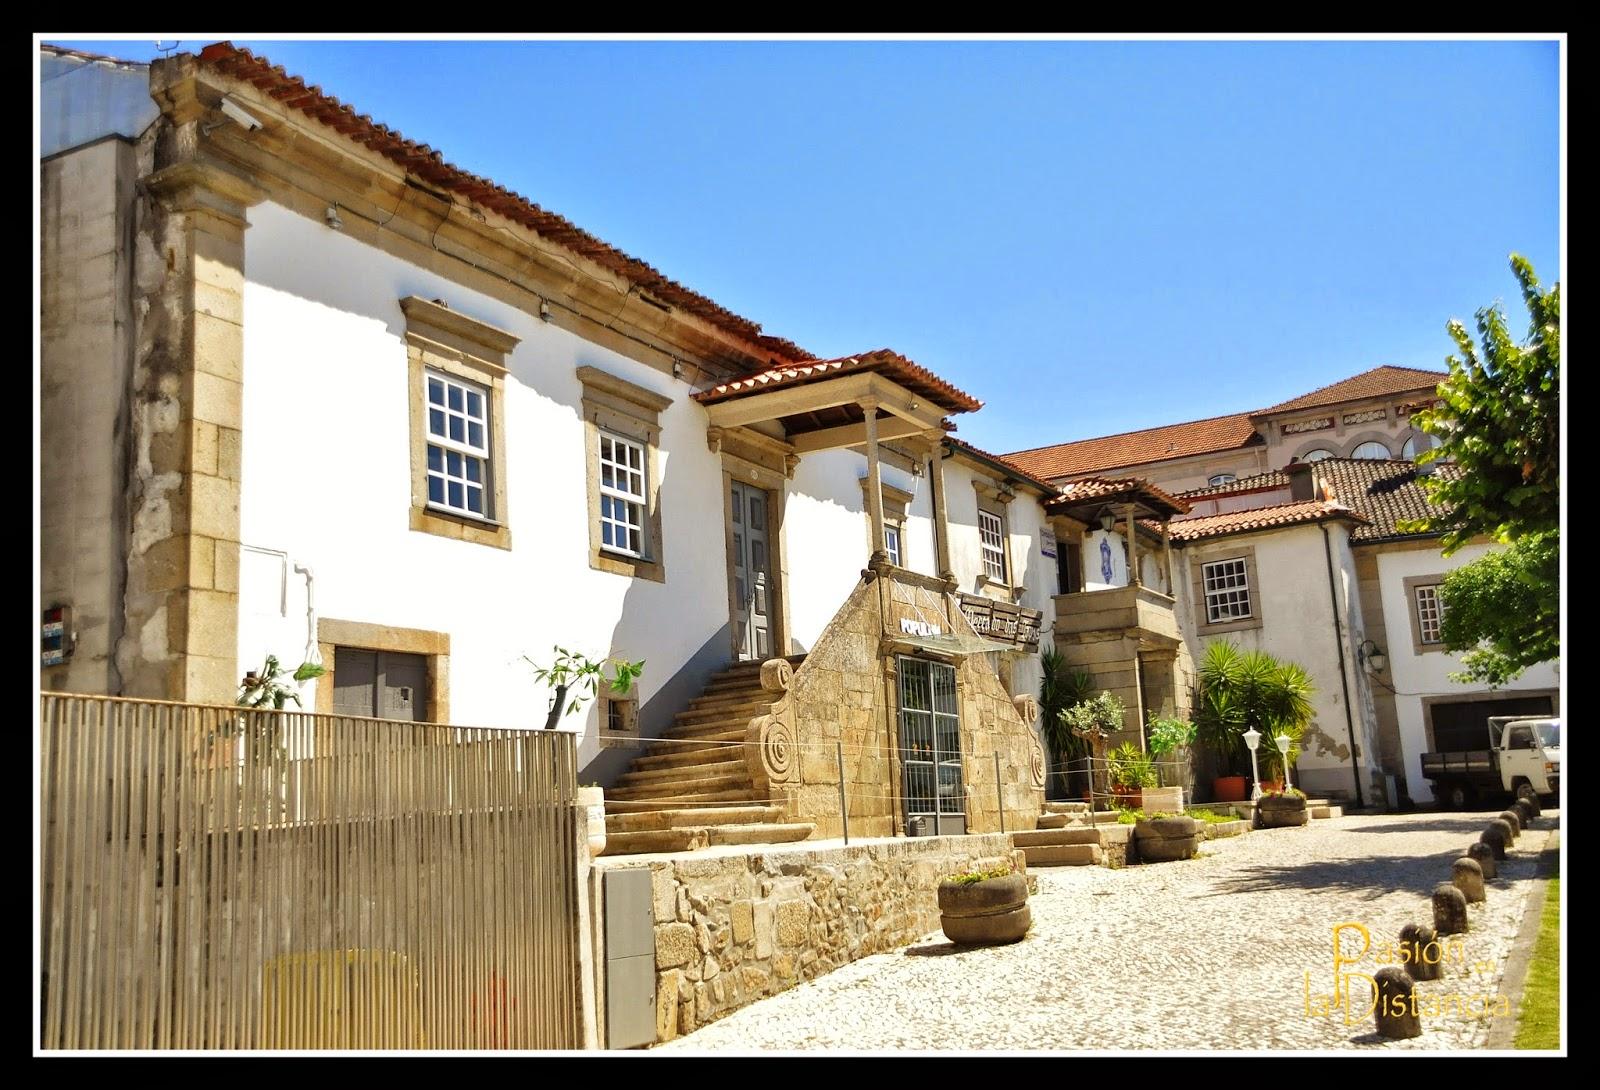 Palacios de Braga Portugal